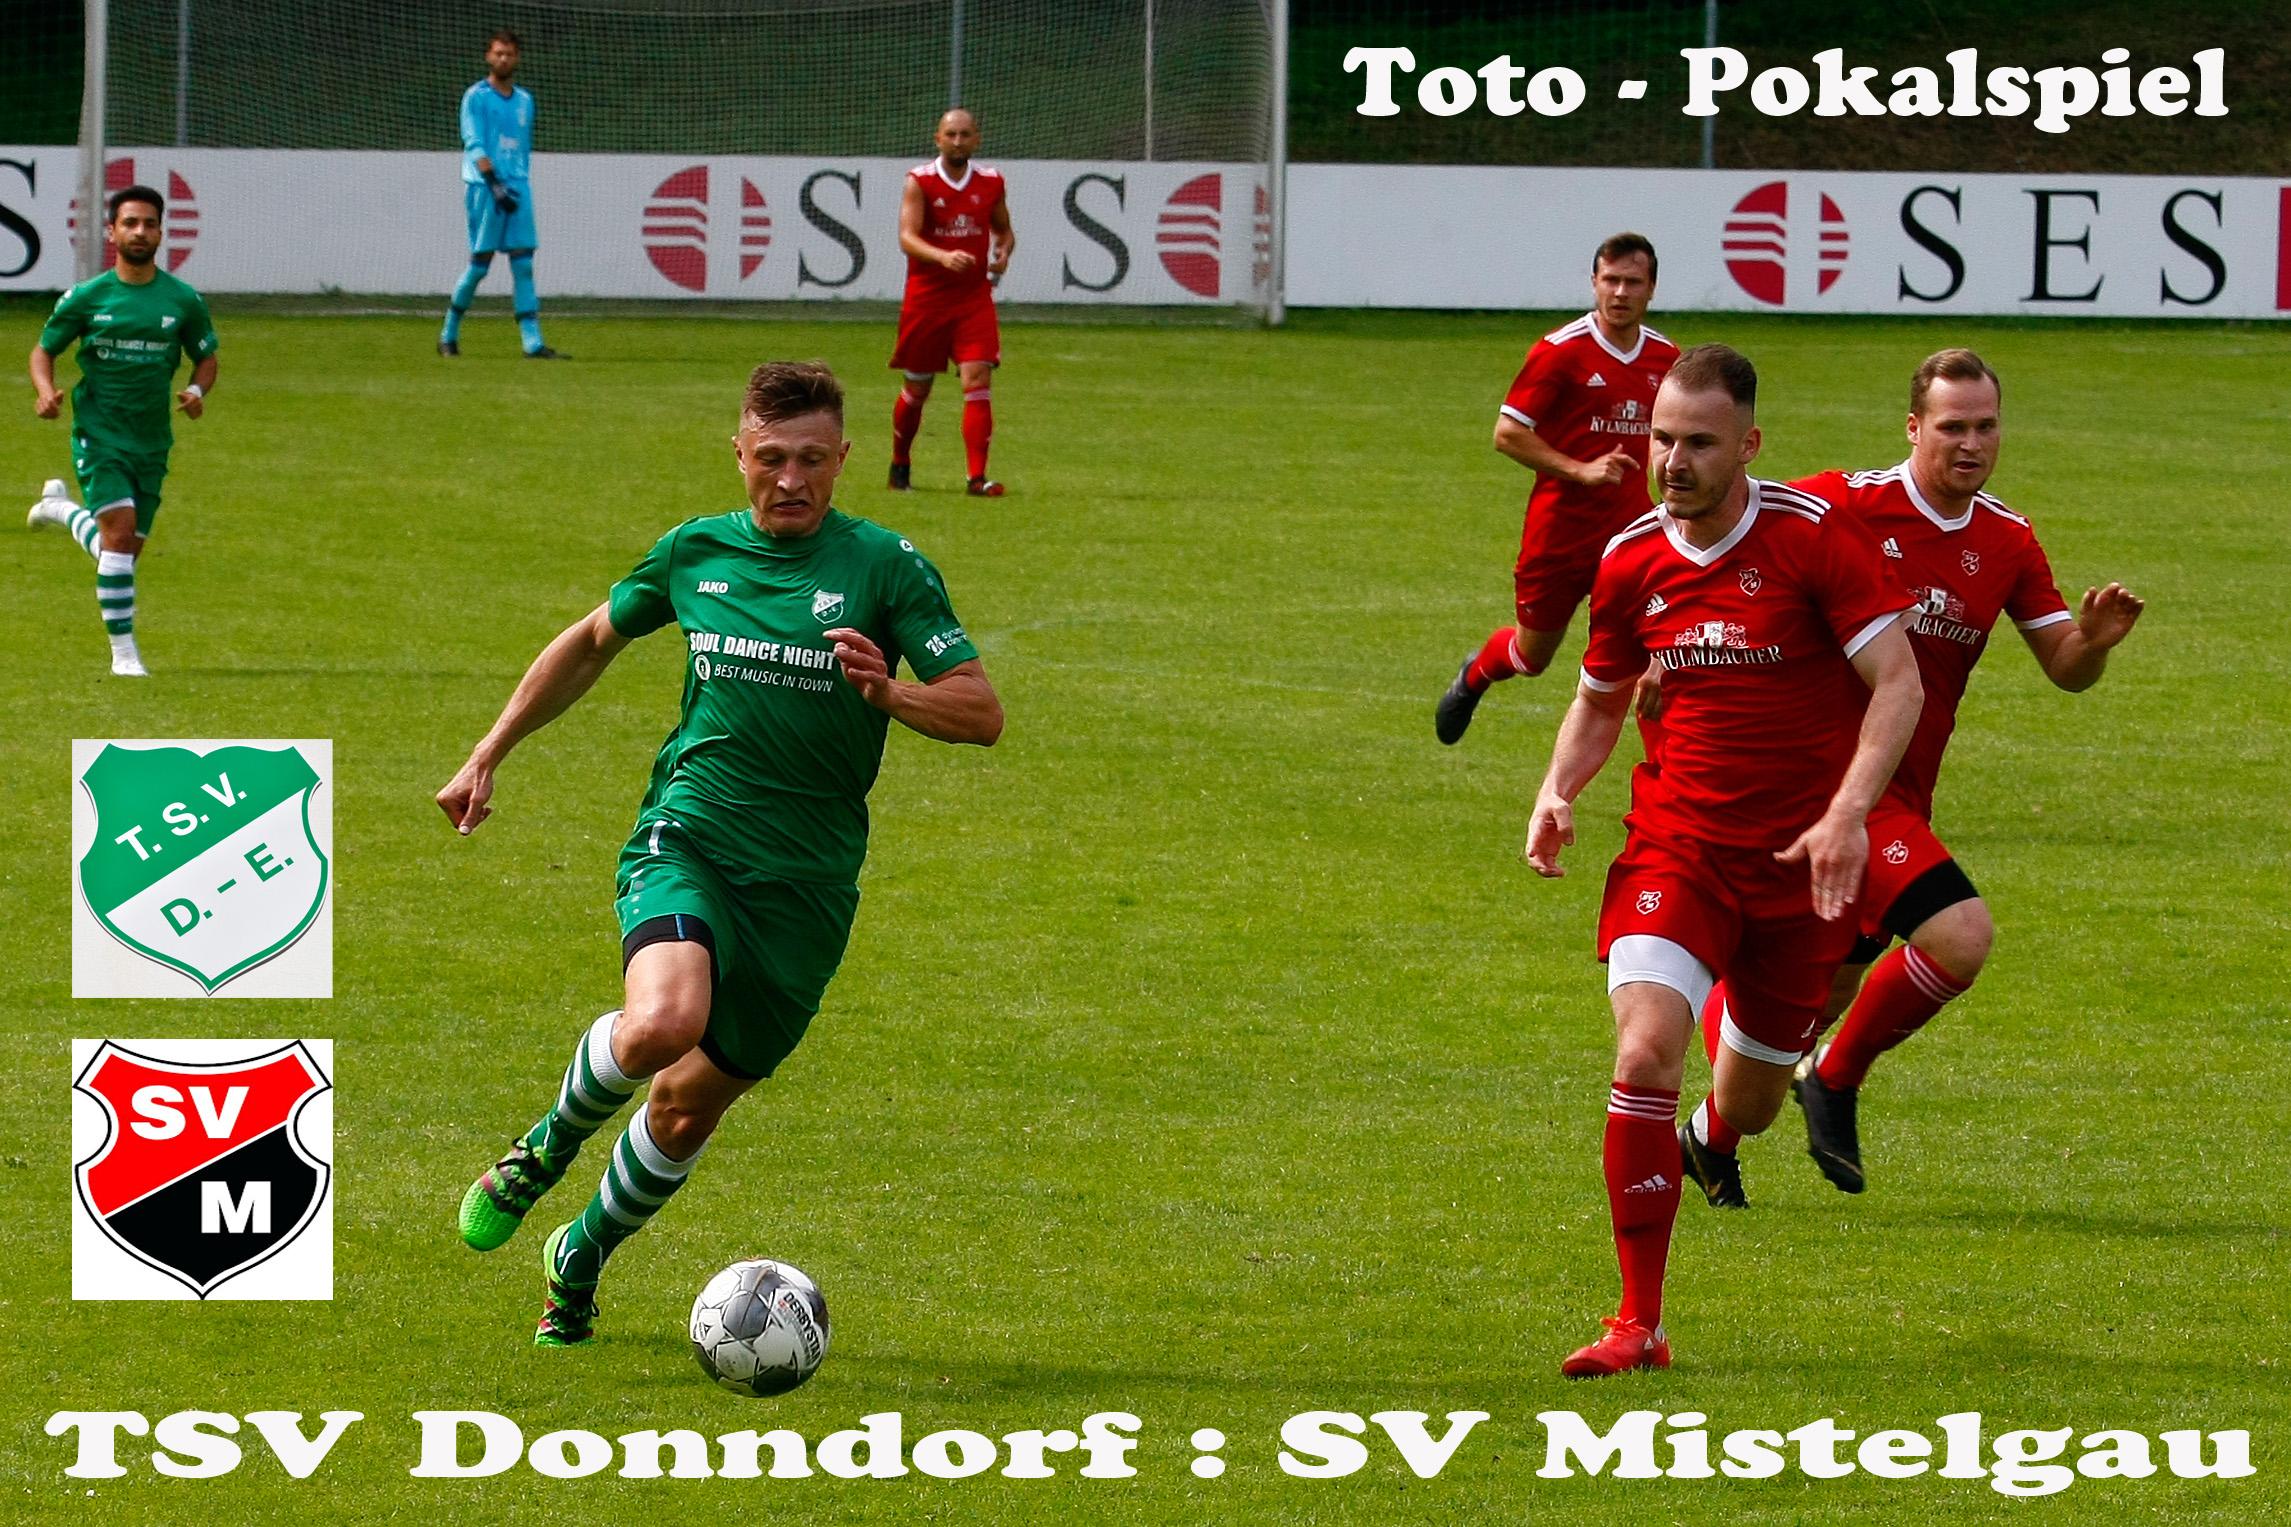 - TSV Donndorf unterliegt in der Runde 2 des Toto-Pokals -